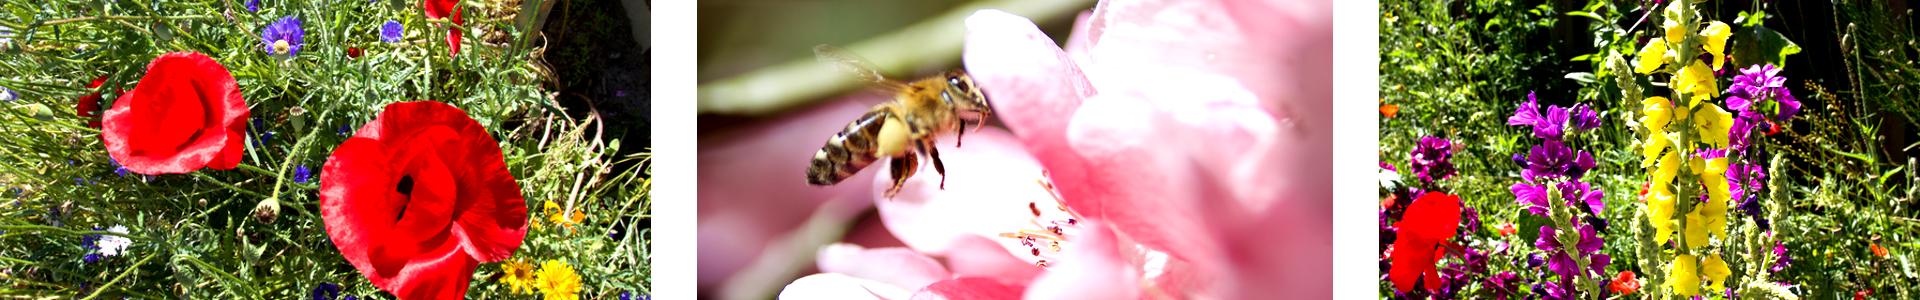 Bienenbeete_triplet